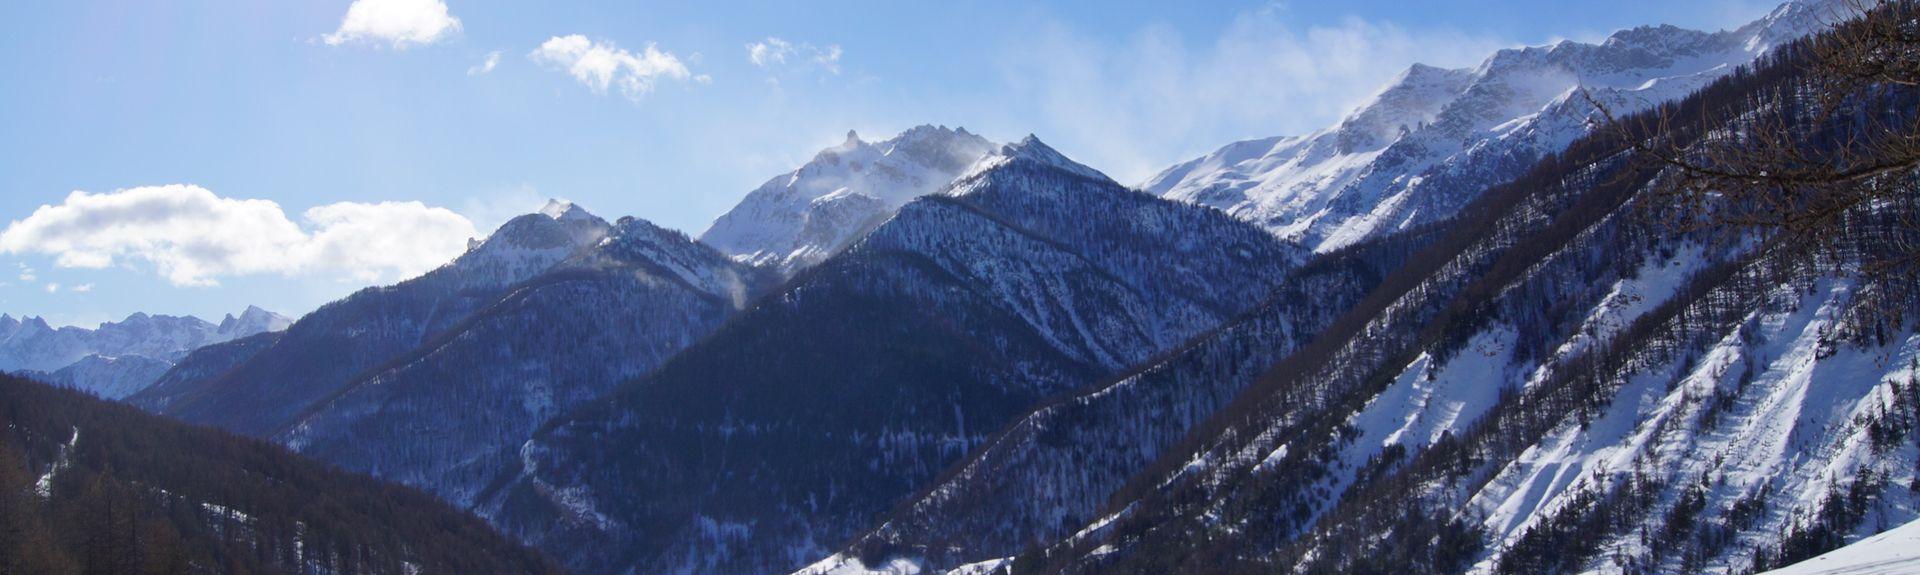 L'Argentiere-la-Bessee, Hautes-Alpes, France